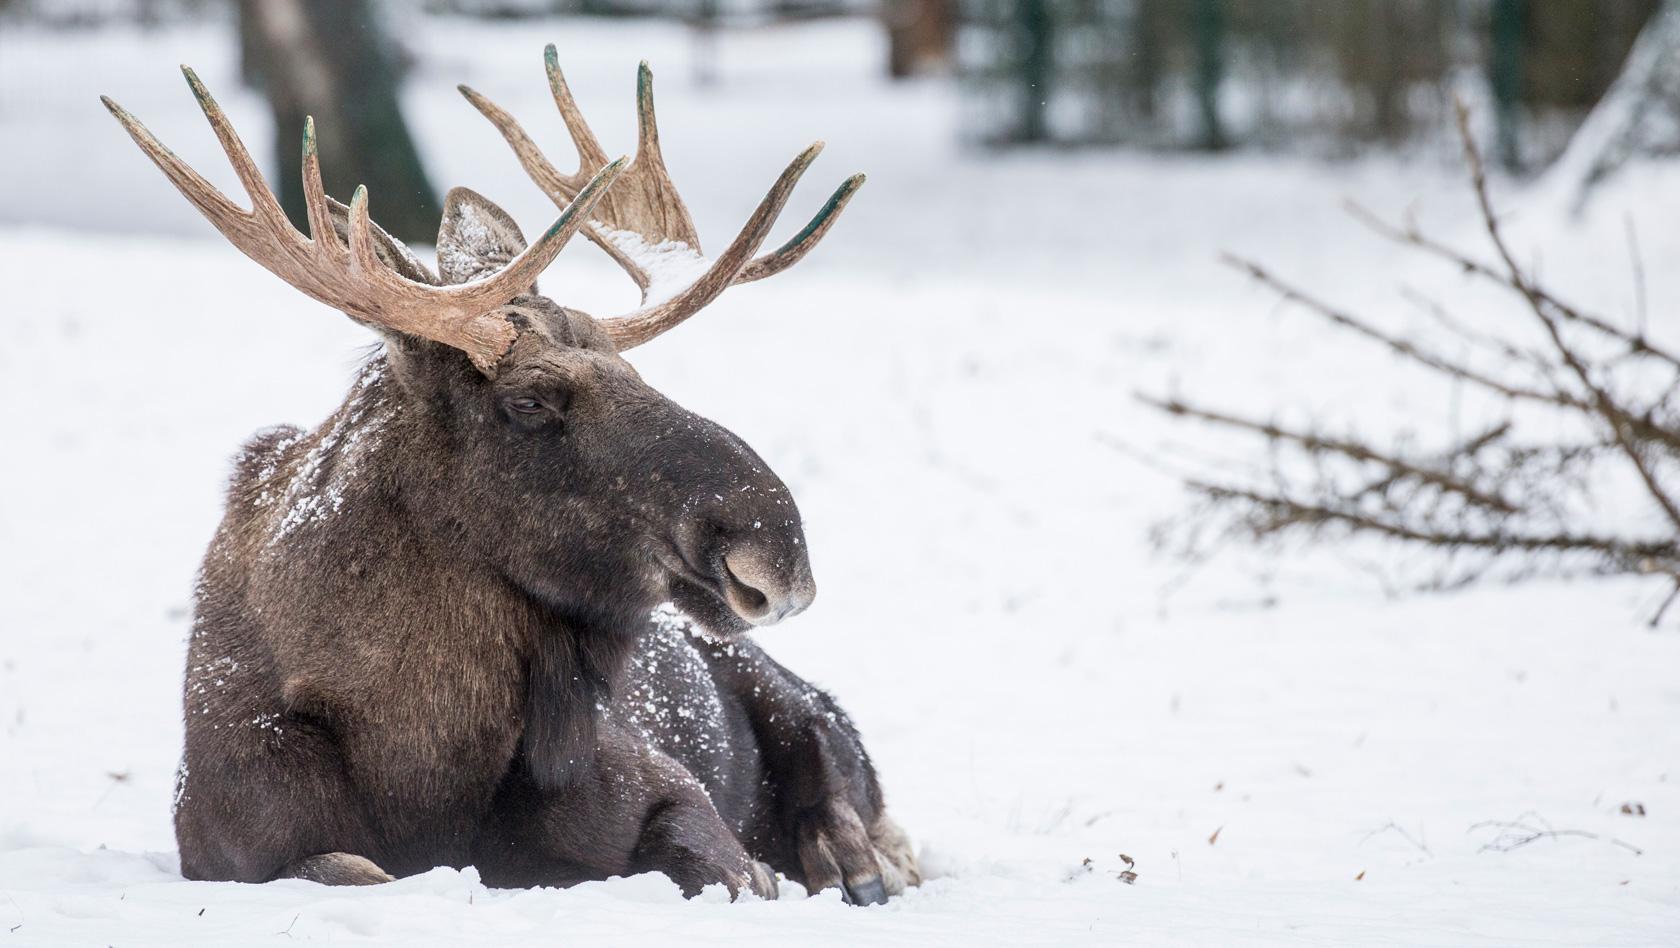 Winter-Wunderland 2017 in Hellabrunn: Münchner Tierpark